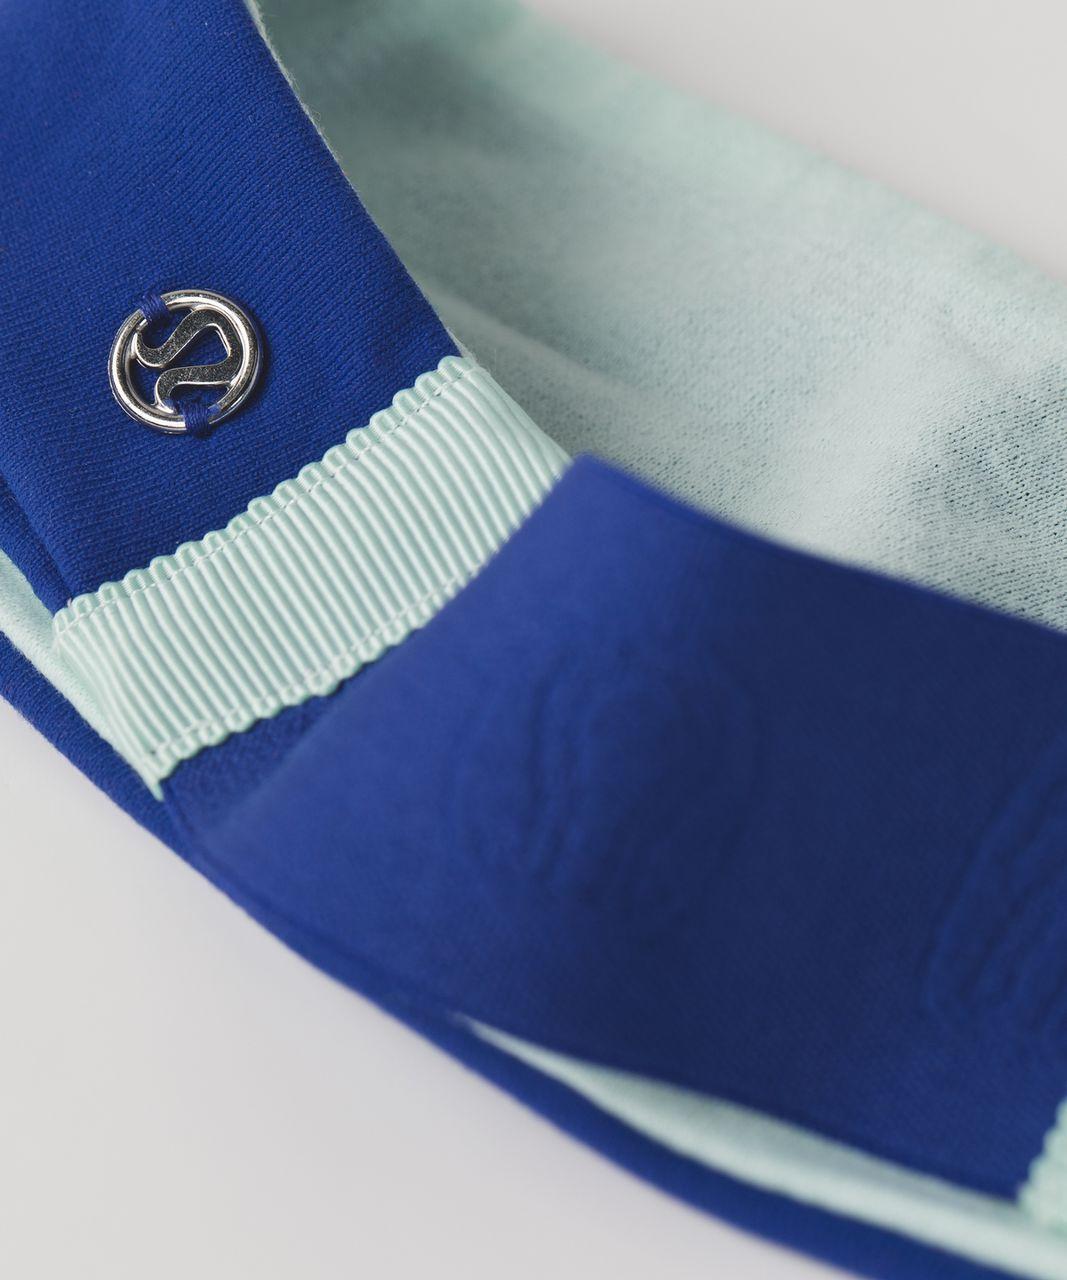 Lululemon Fringe Fighter Headband - Sapphire Blue / Heathered Sea Mist